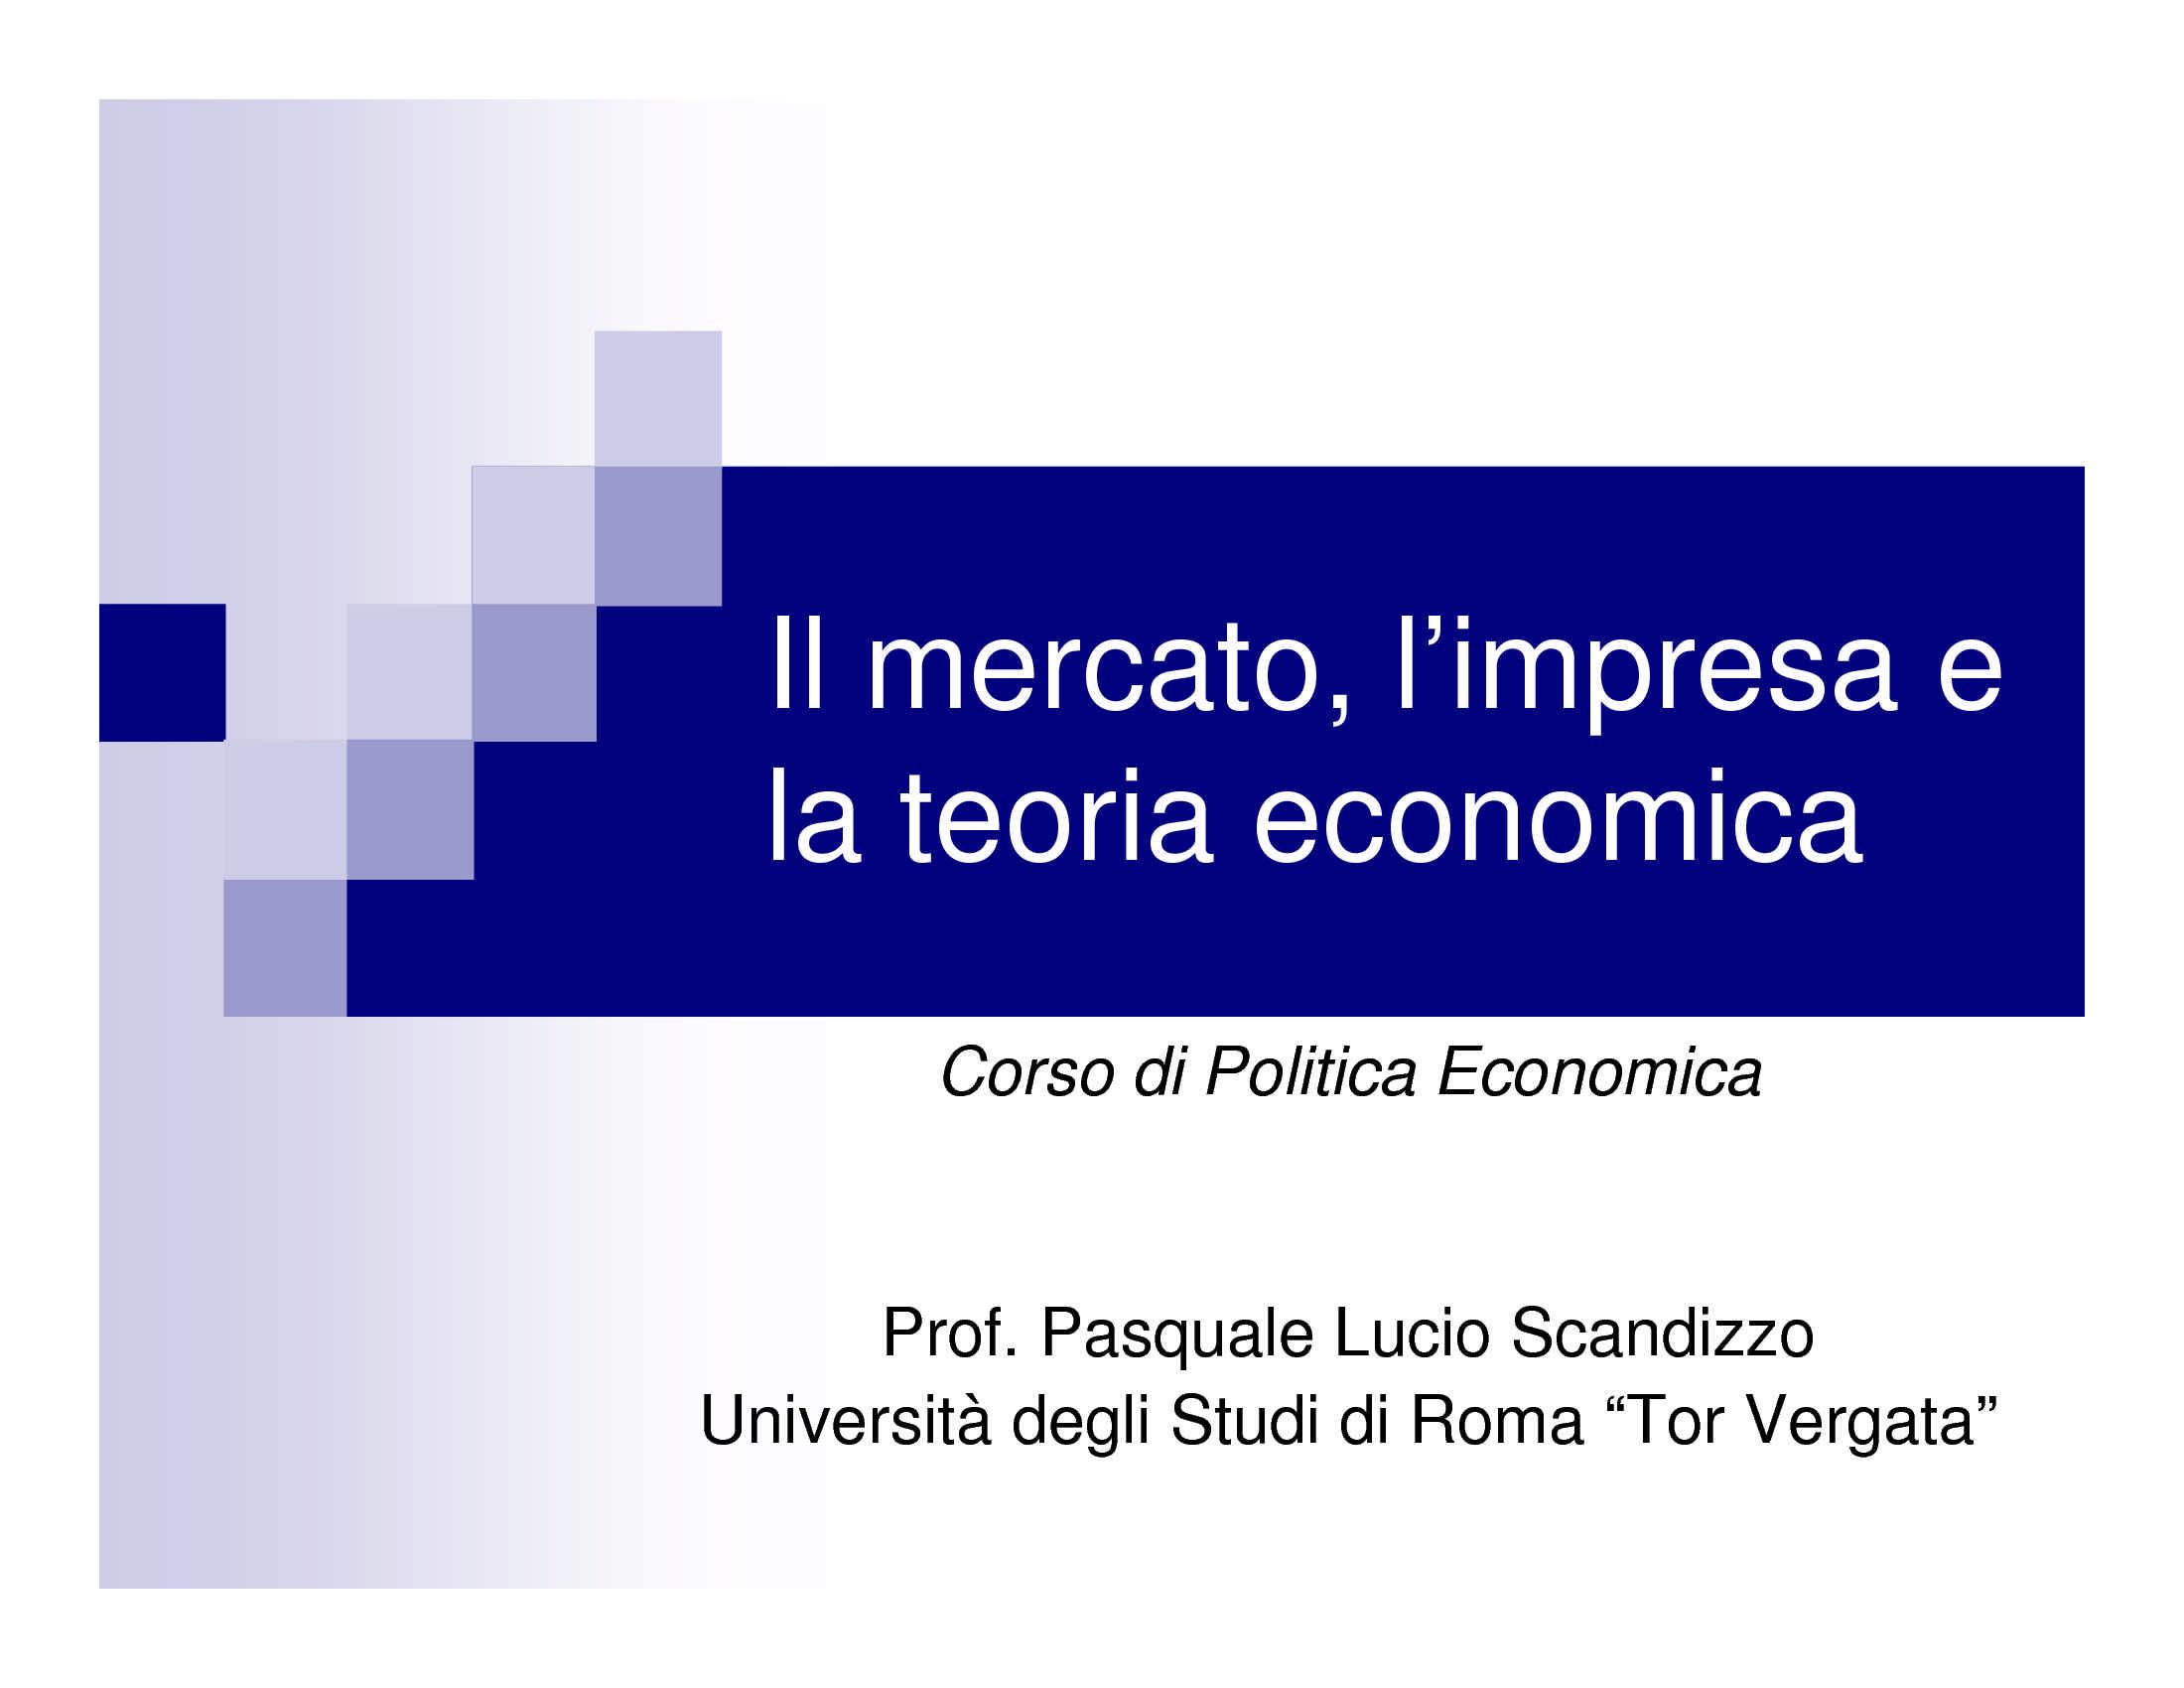 Mercato, impresa e teoria economica